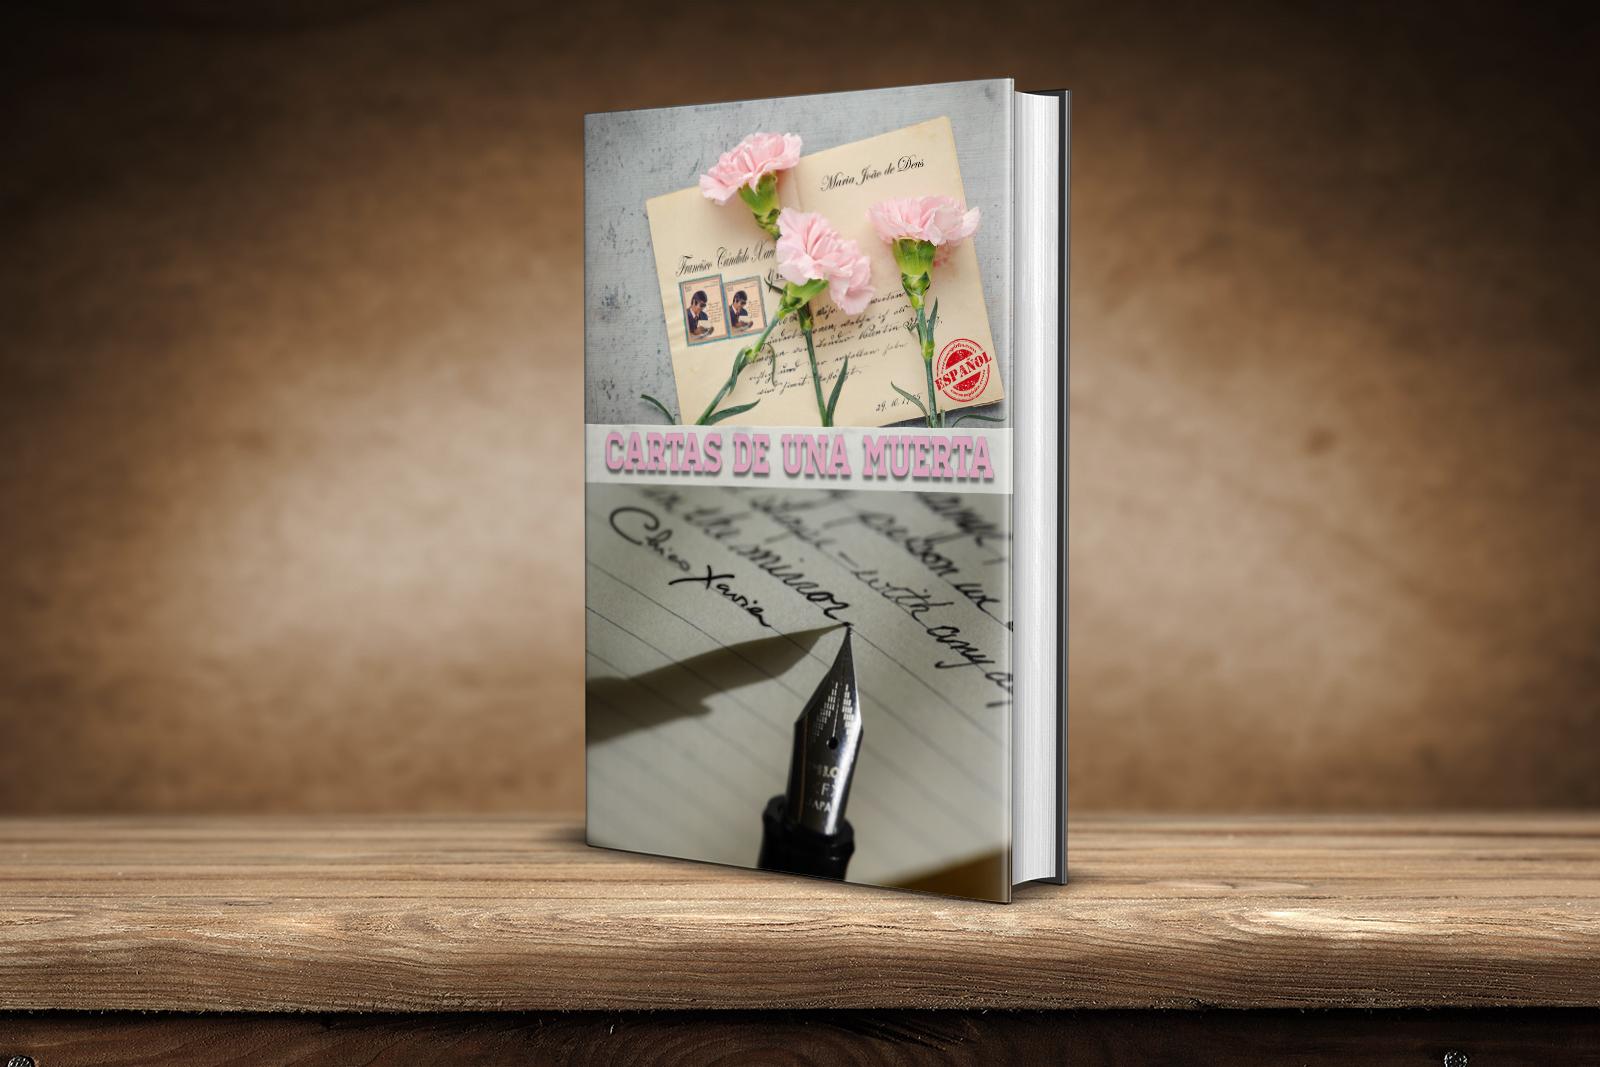 Portada Cartas de una Muerta por Chico Xavier